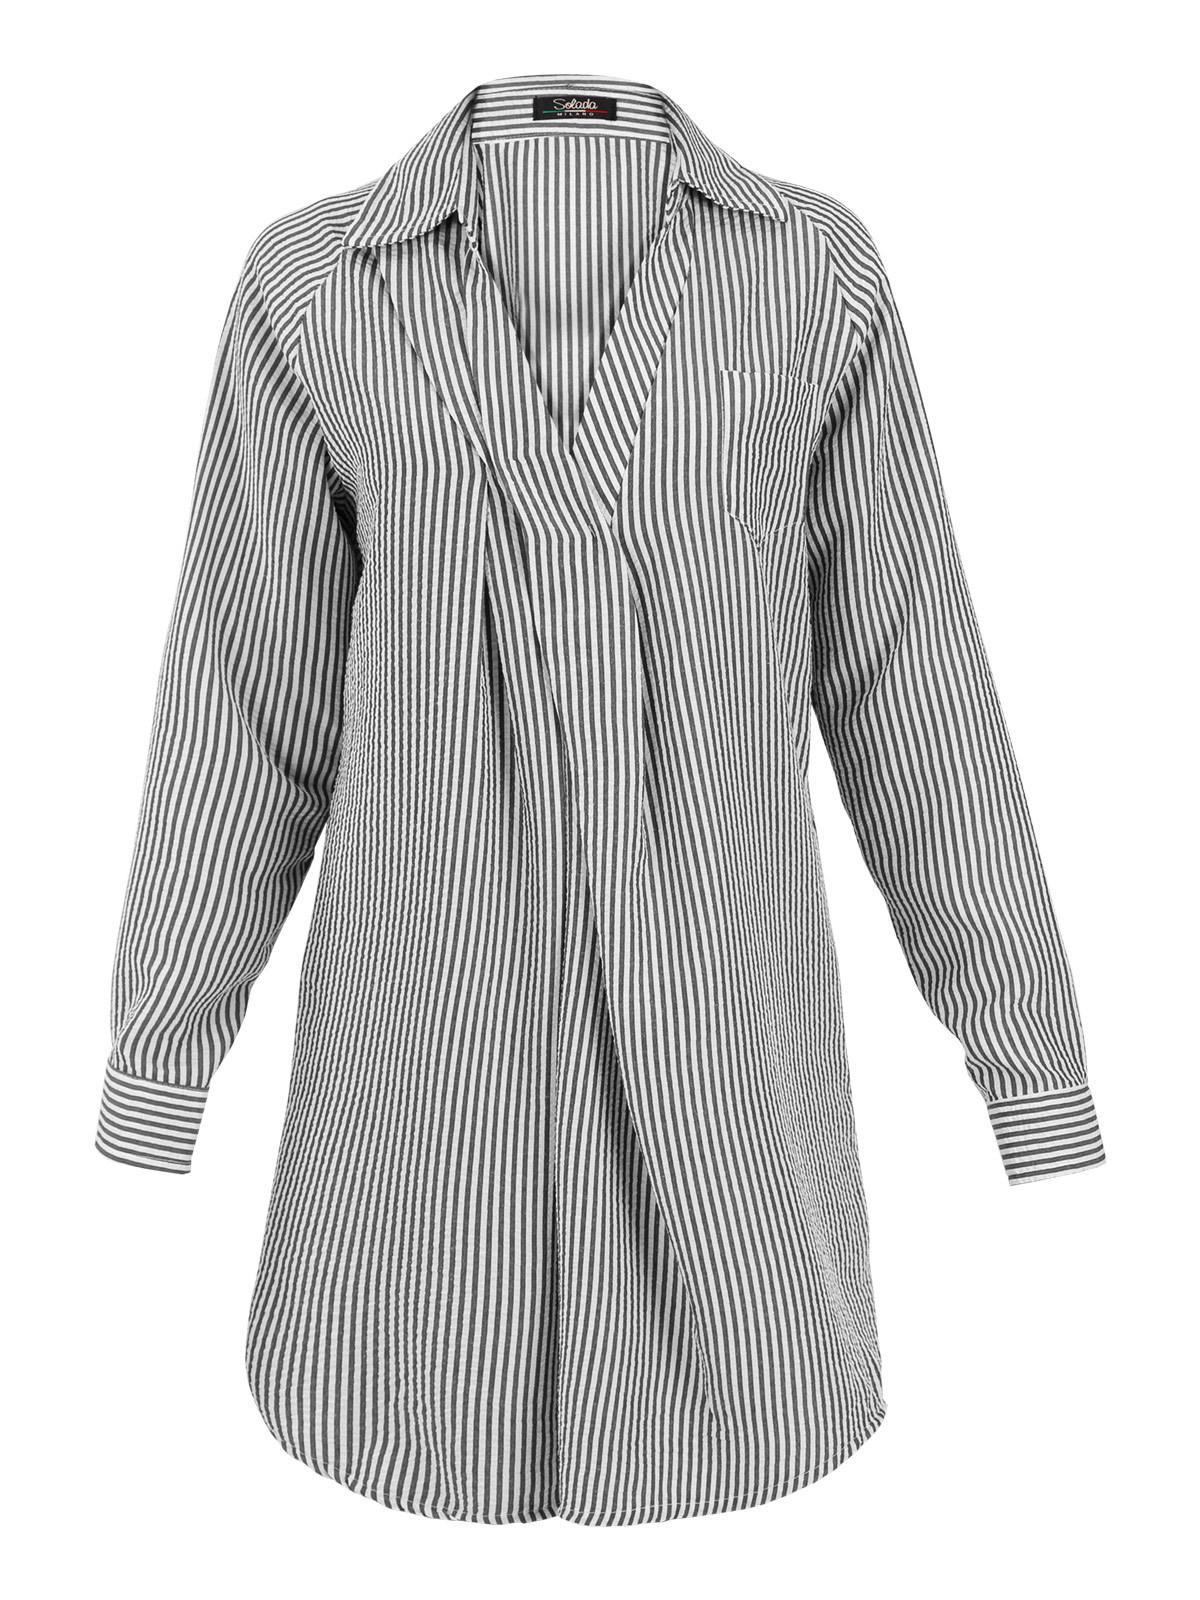 9caed9d722 Maxi camicia a righe solada | MecShopping